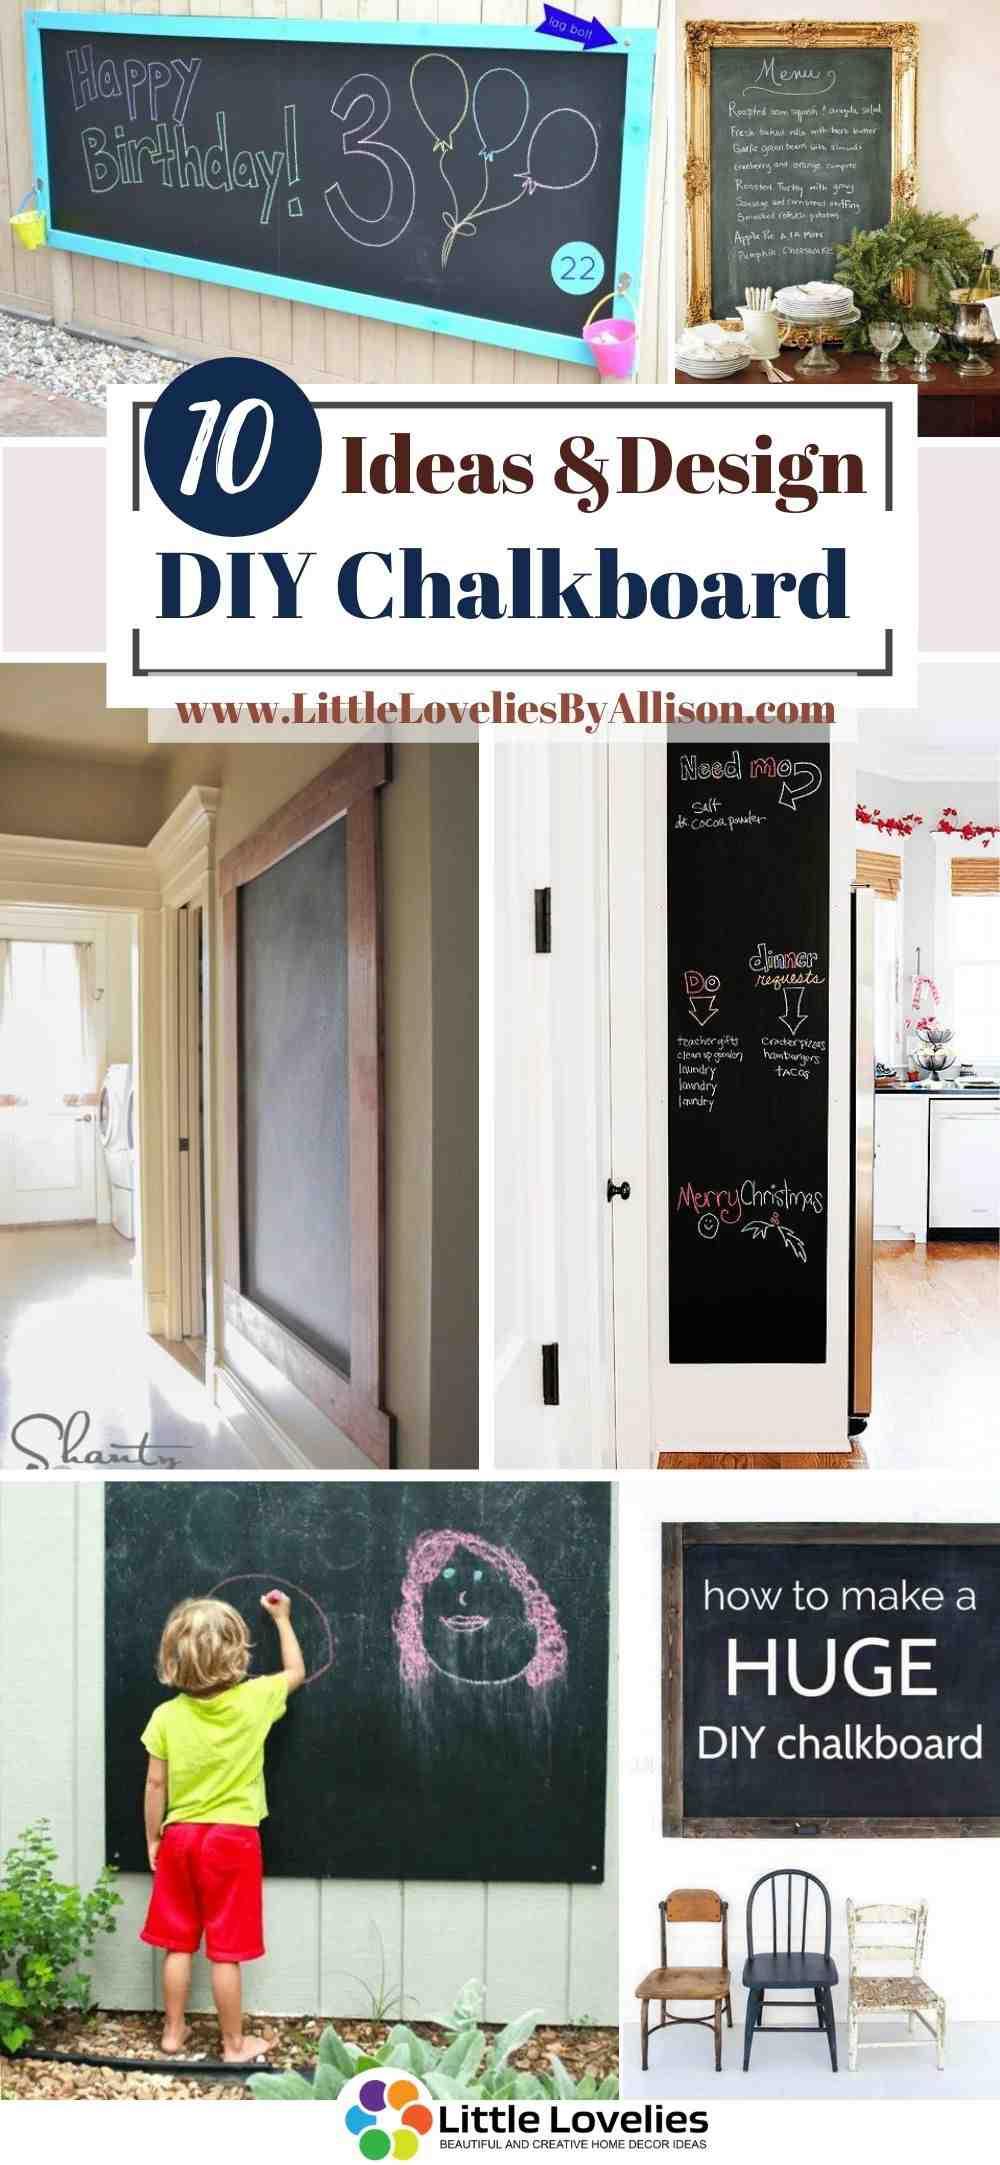 Best-DIY-Chalkboard-Ideas